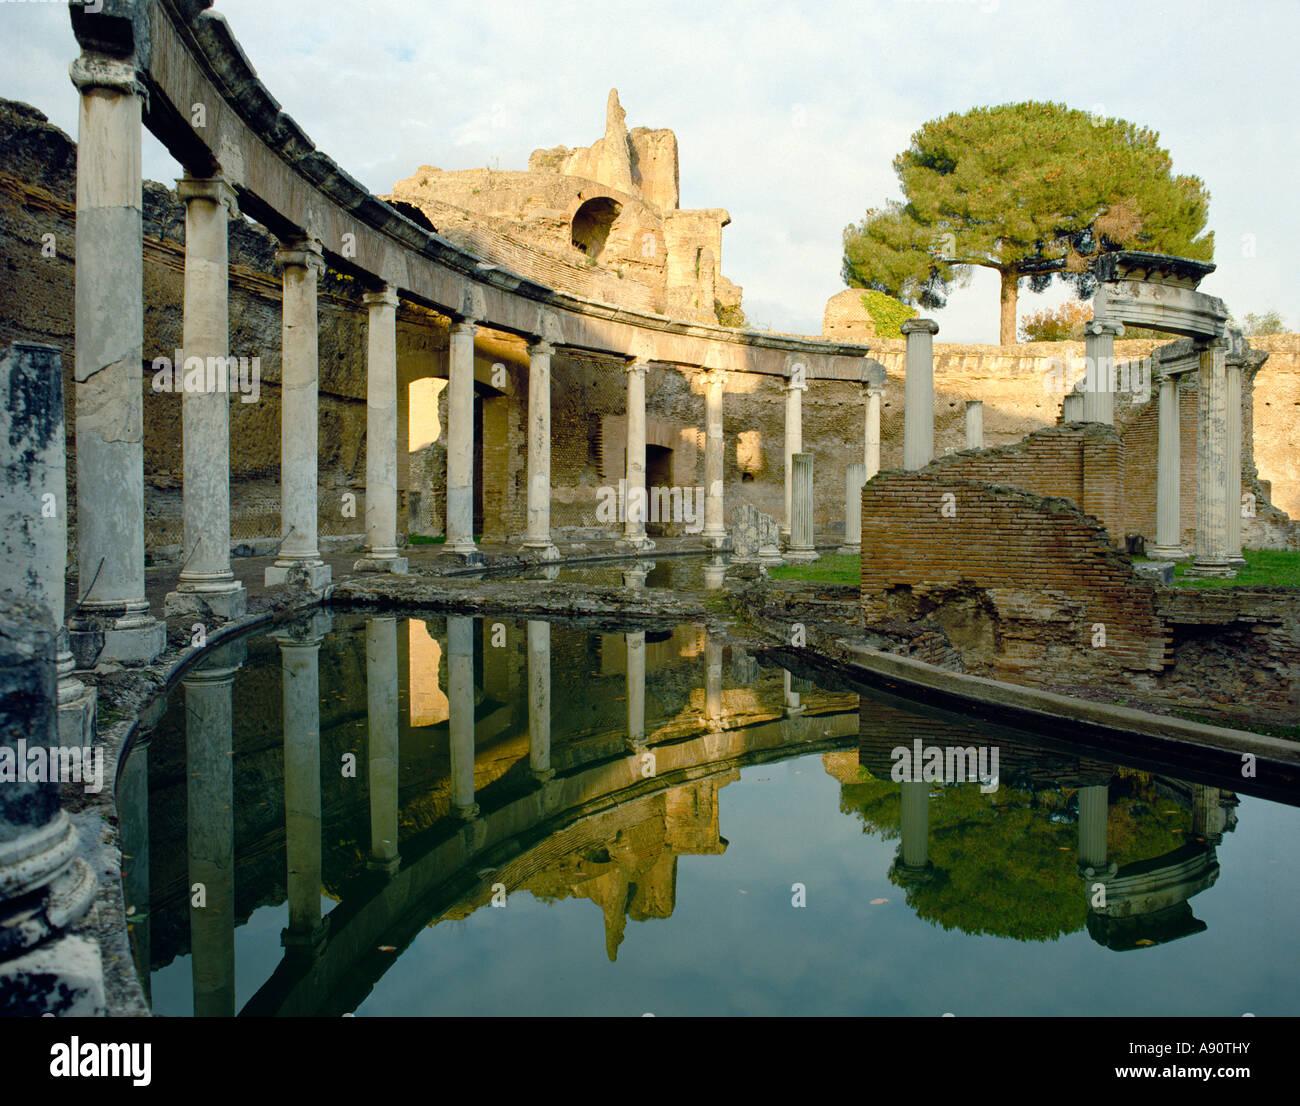 Villa Adriana (Hadrian's Villa), Tivoli, Italy, built for the Emperor Hadrian between 118 and 138 AD. The 'Maritime - Stock Image